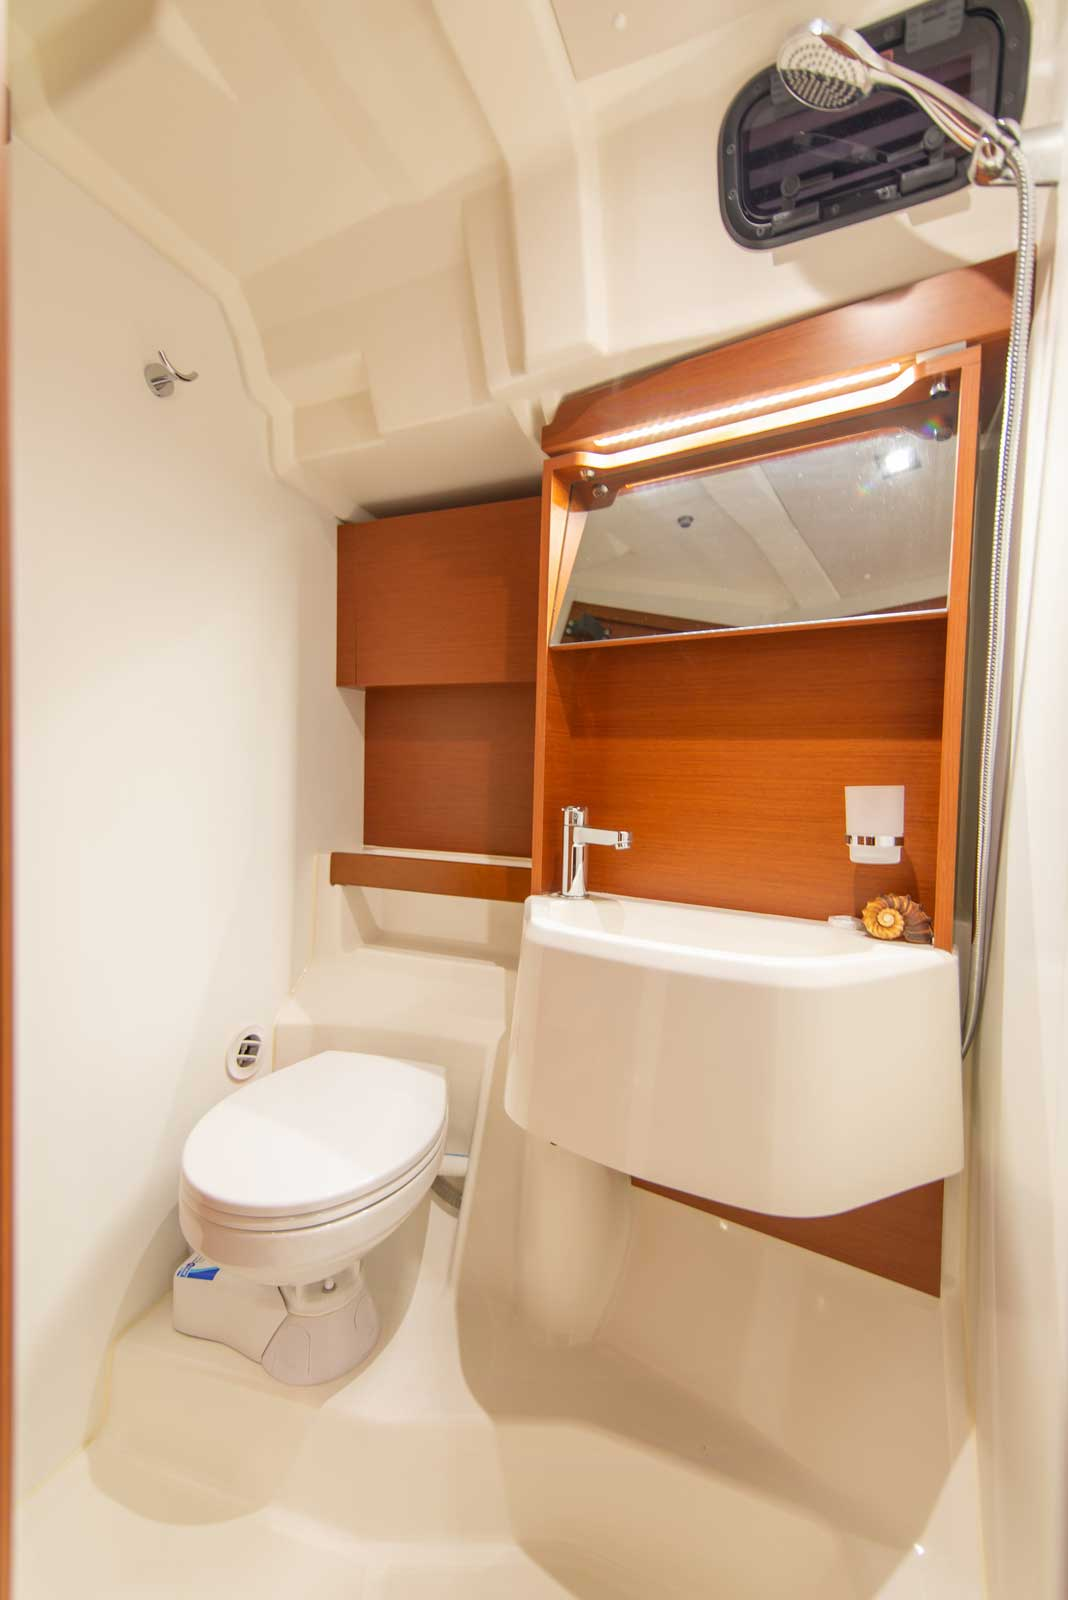 Beneteau-Oceanis-51.1-bathroom